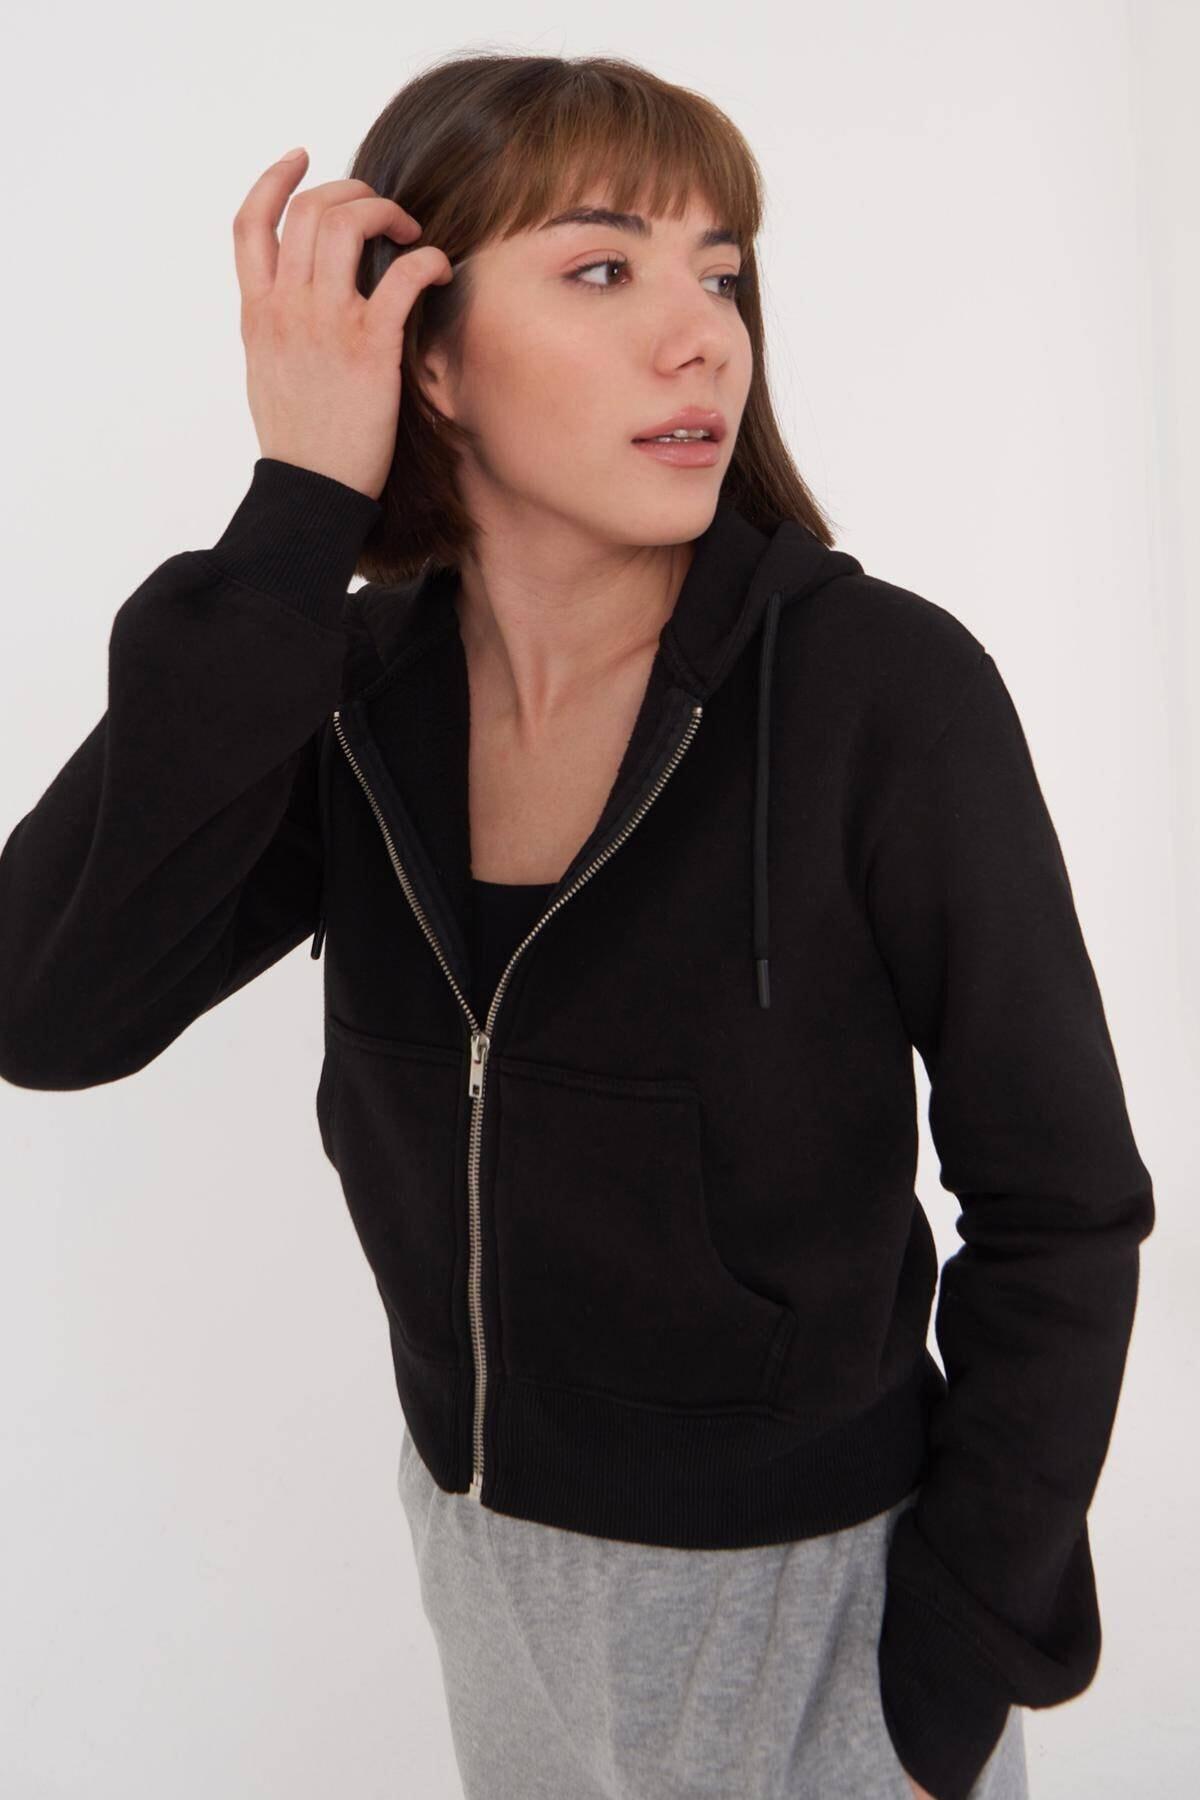 Addax Kadın Siyah Kapüşonlu Hırka H0768 - J9J10 Adx-0000020944 0